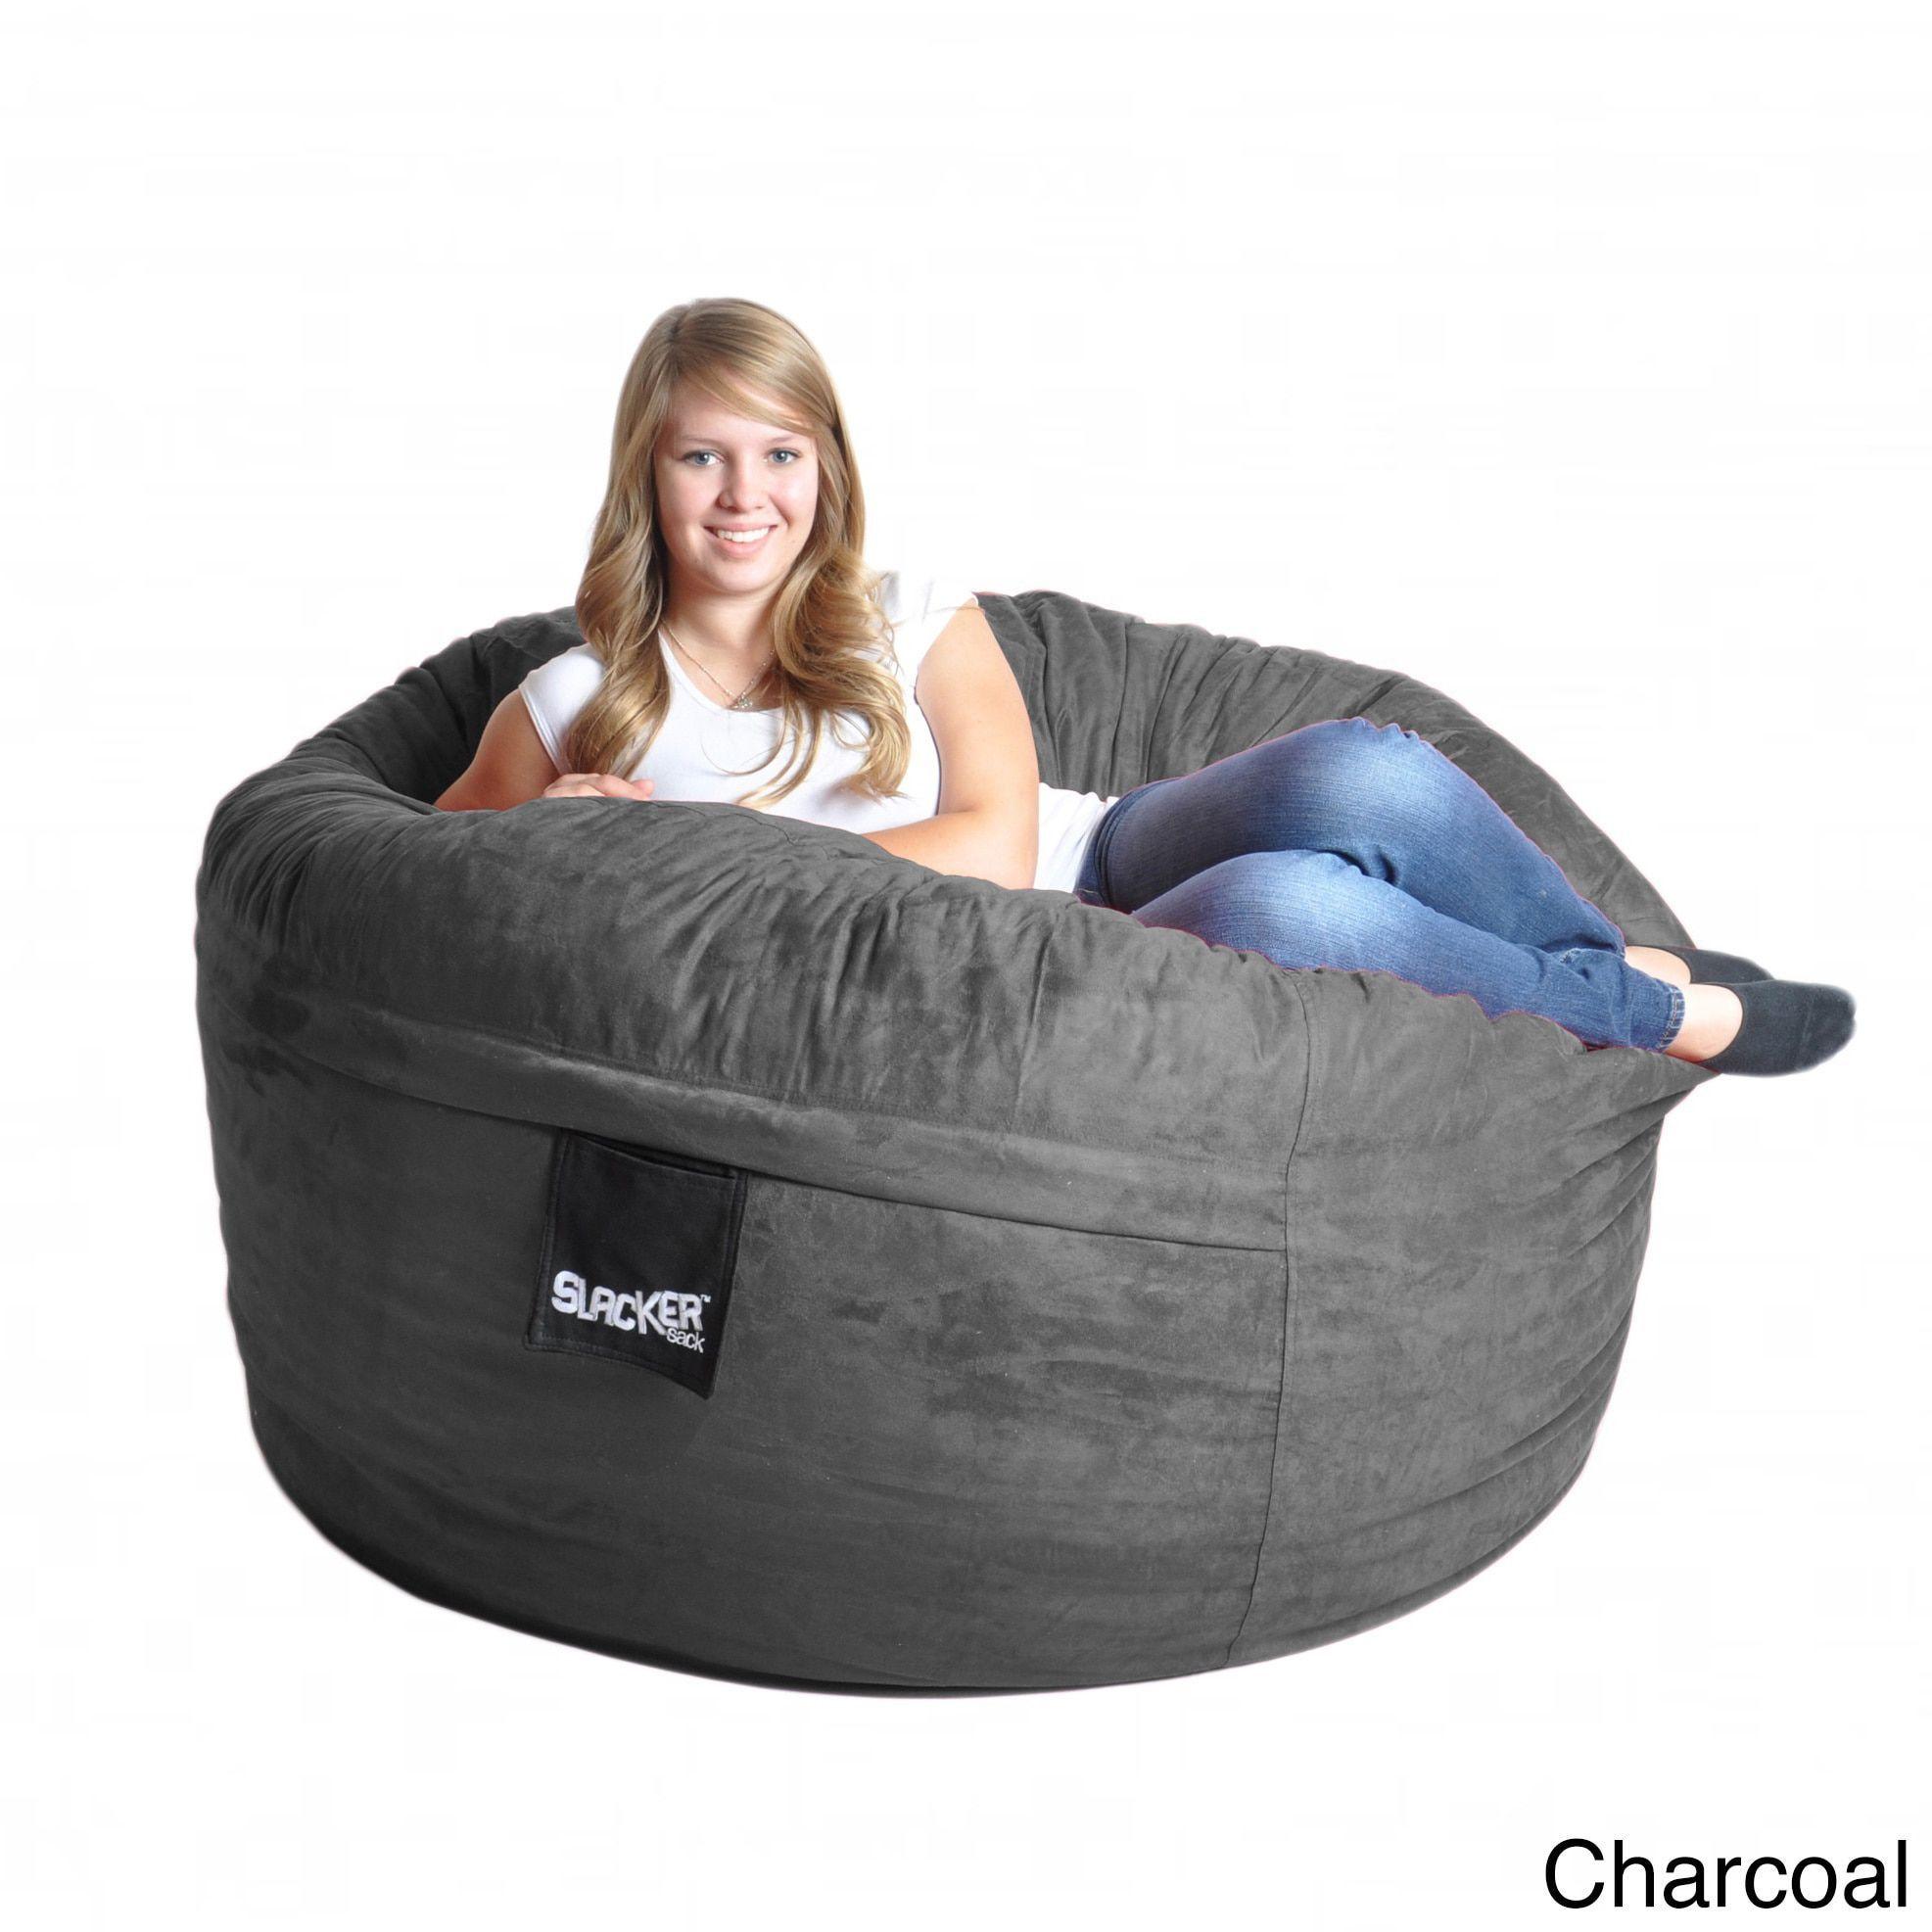 Slacker Sack 5 foot Microfiber and Memory Foam Bean Bag 5